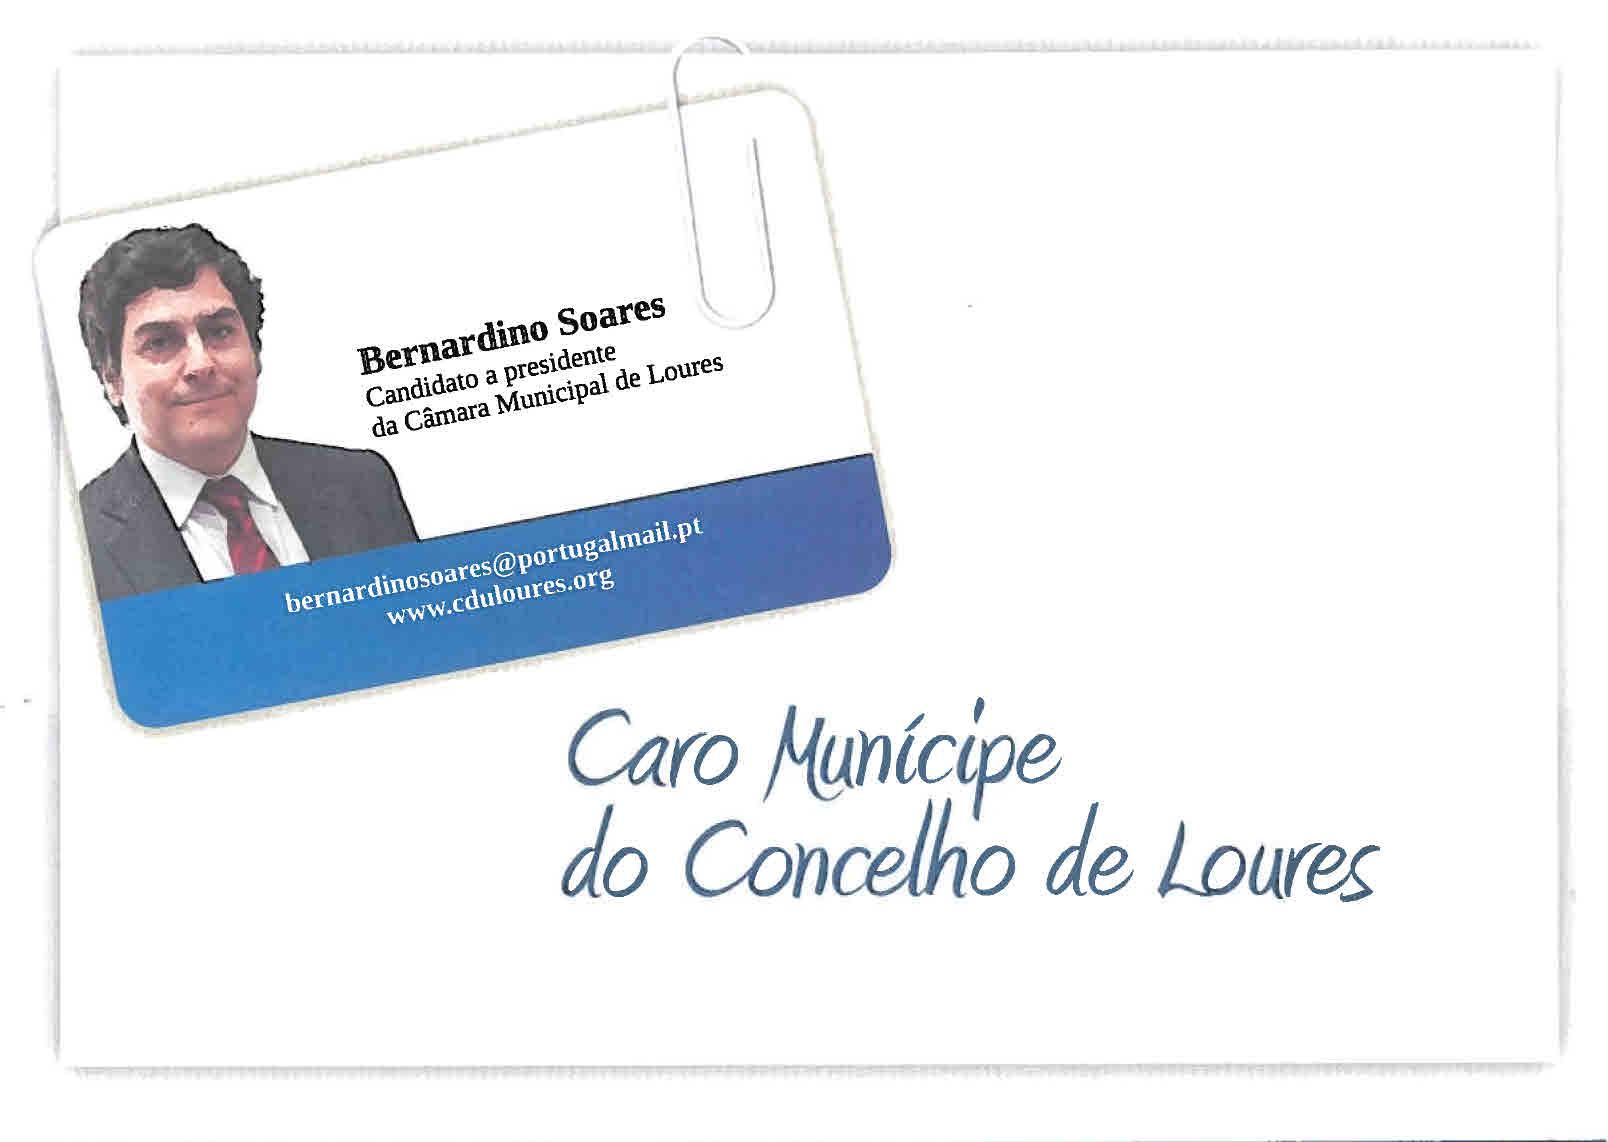 CDU – Caro Munícipe de Loures